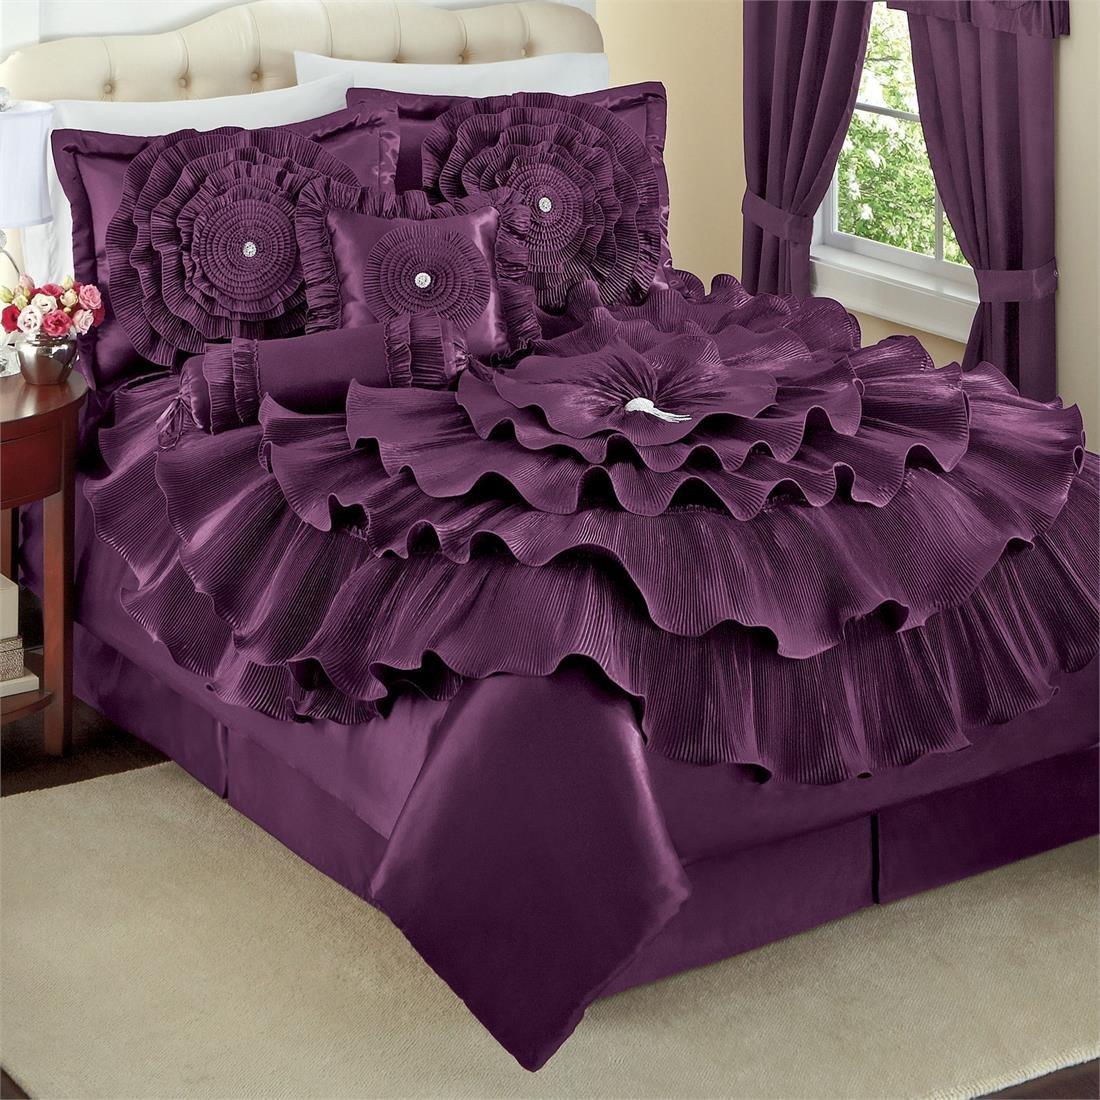 Total fab deep dark purple comforters bedding sets for Bedding violet